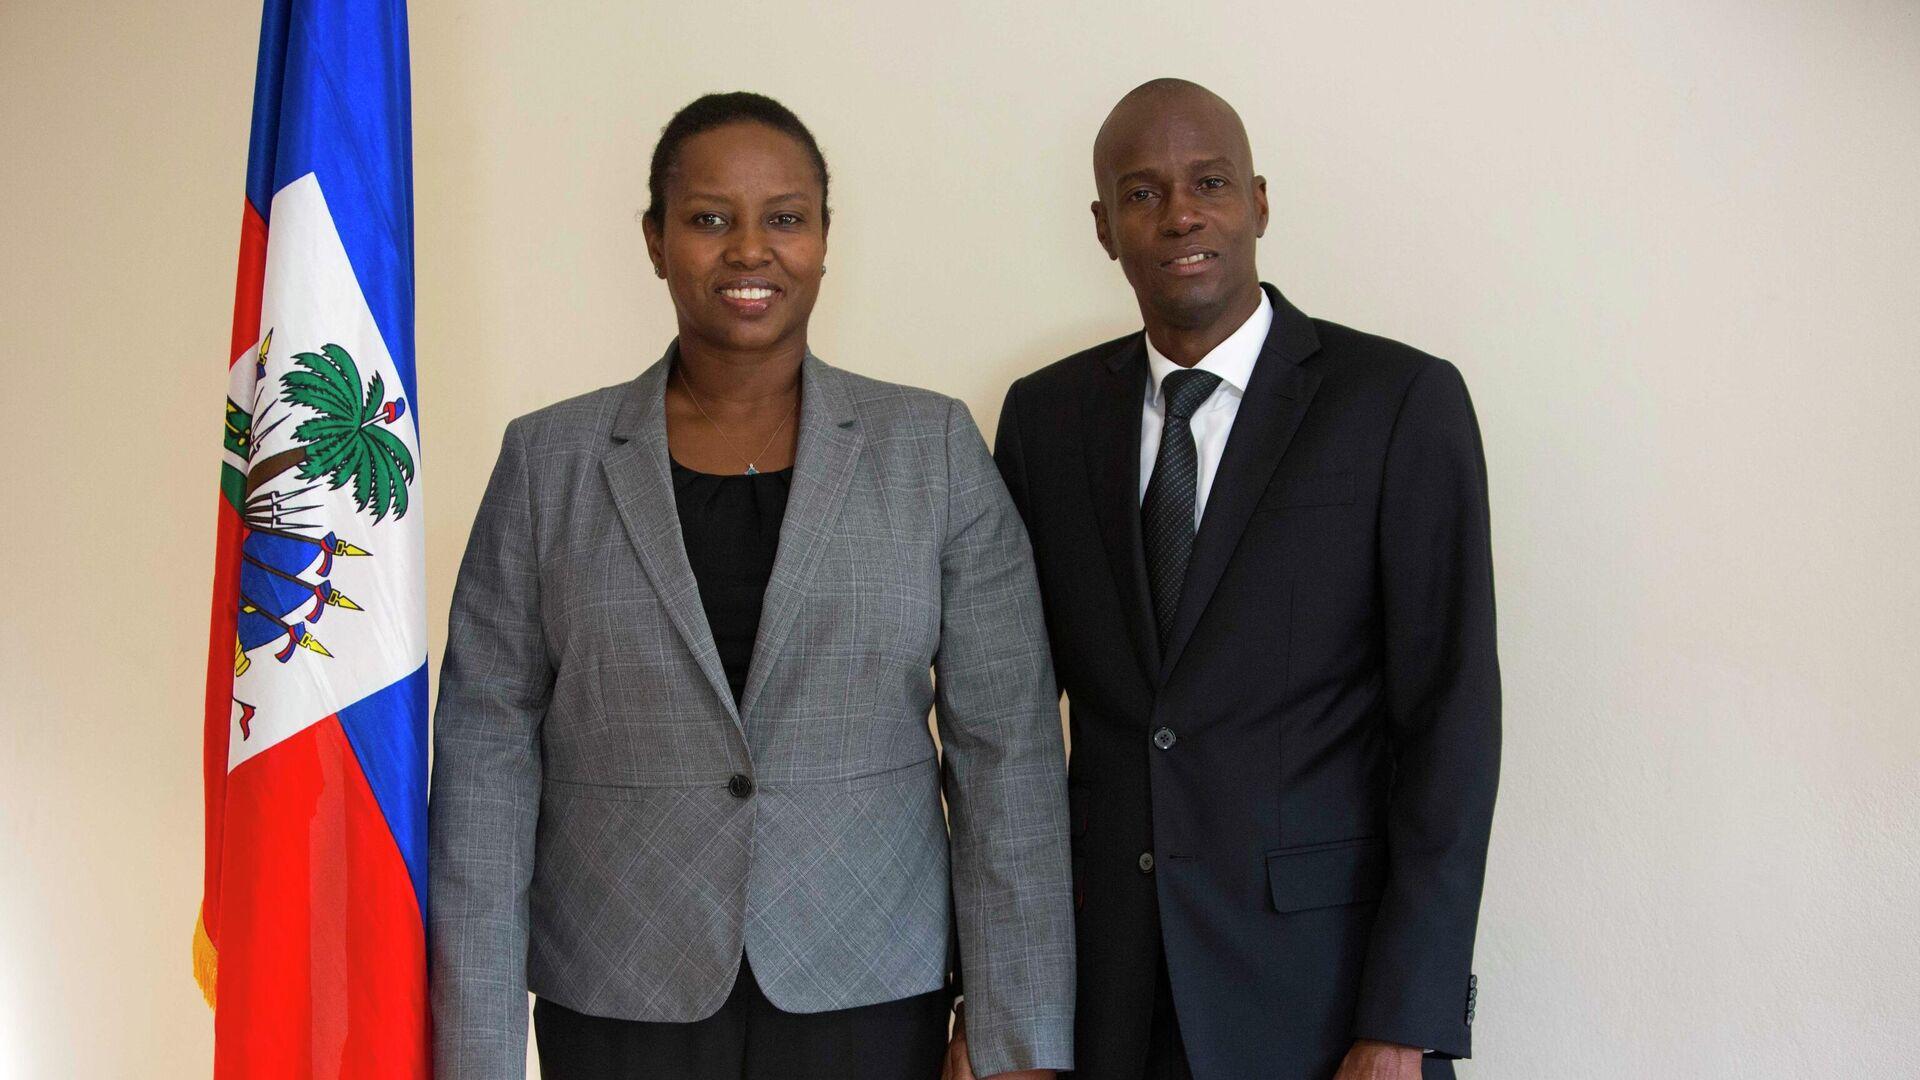 Президент Гаити Жовенель Моиз с женой Мартин - РИА Новости, 1920, 30.07.2021